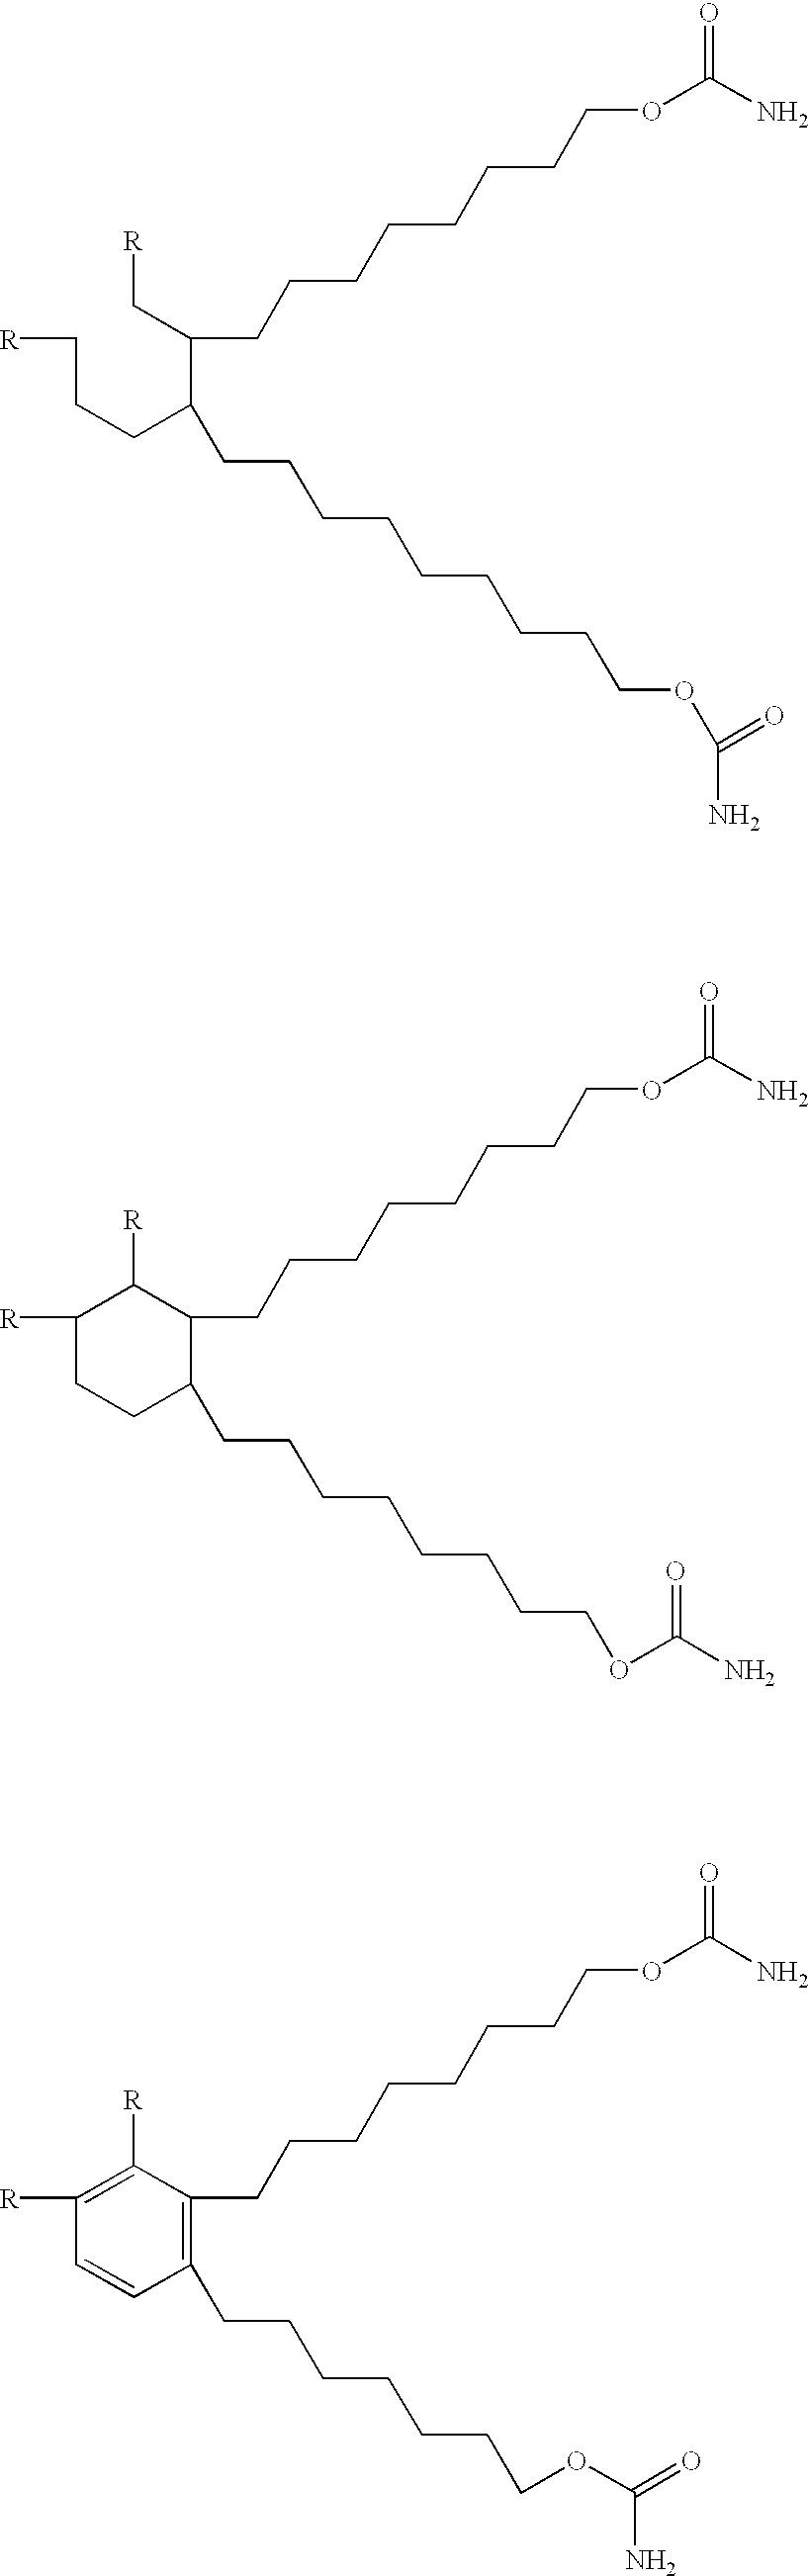 Figure US06657007-20031202-C00008